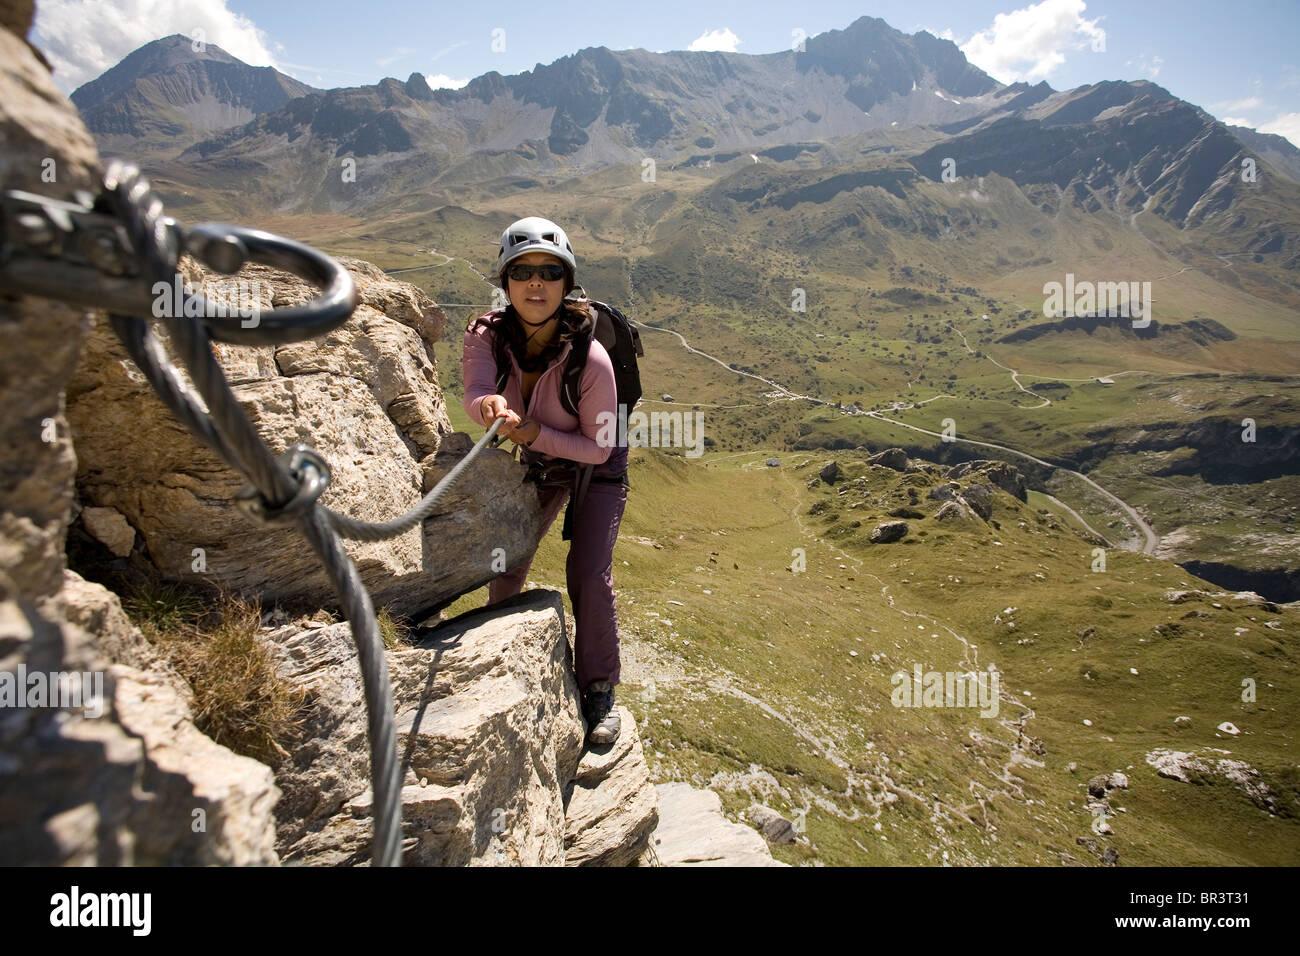 Una giovane donna usa il cavo imbullonato alla roccia per scalare appoggio mentre l'impegno nello sport della Immagini Stock